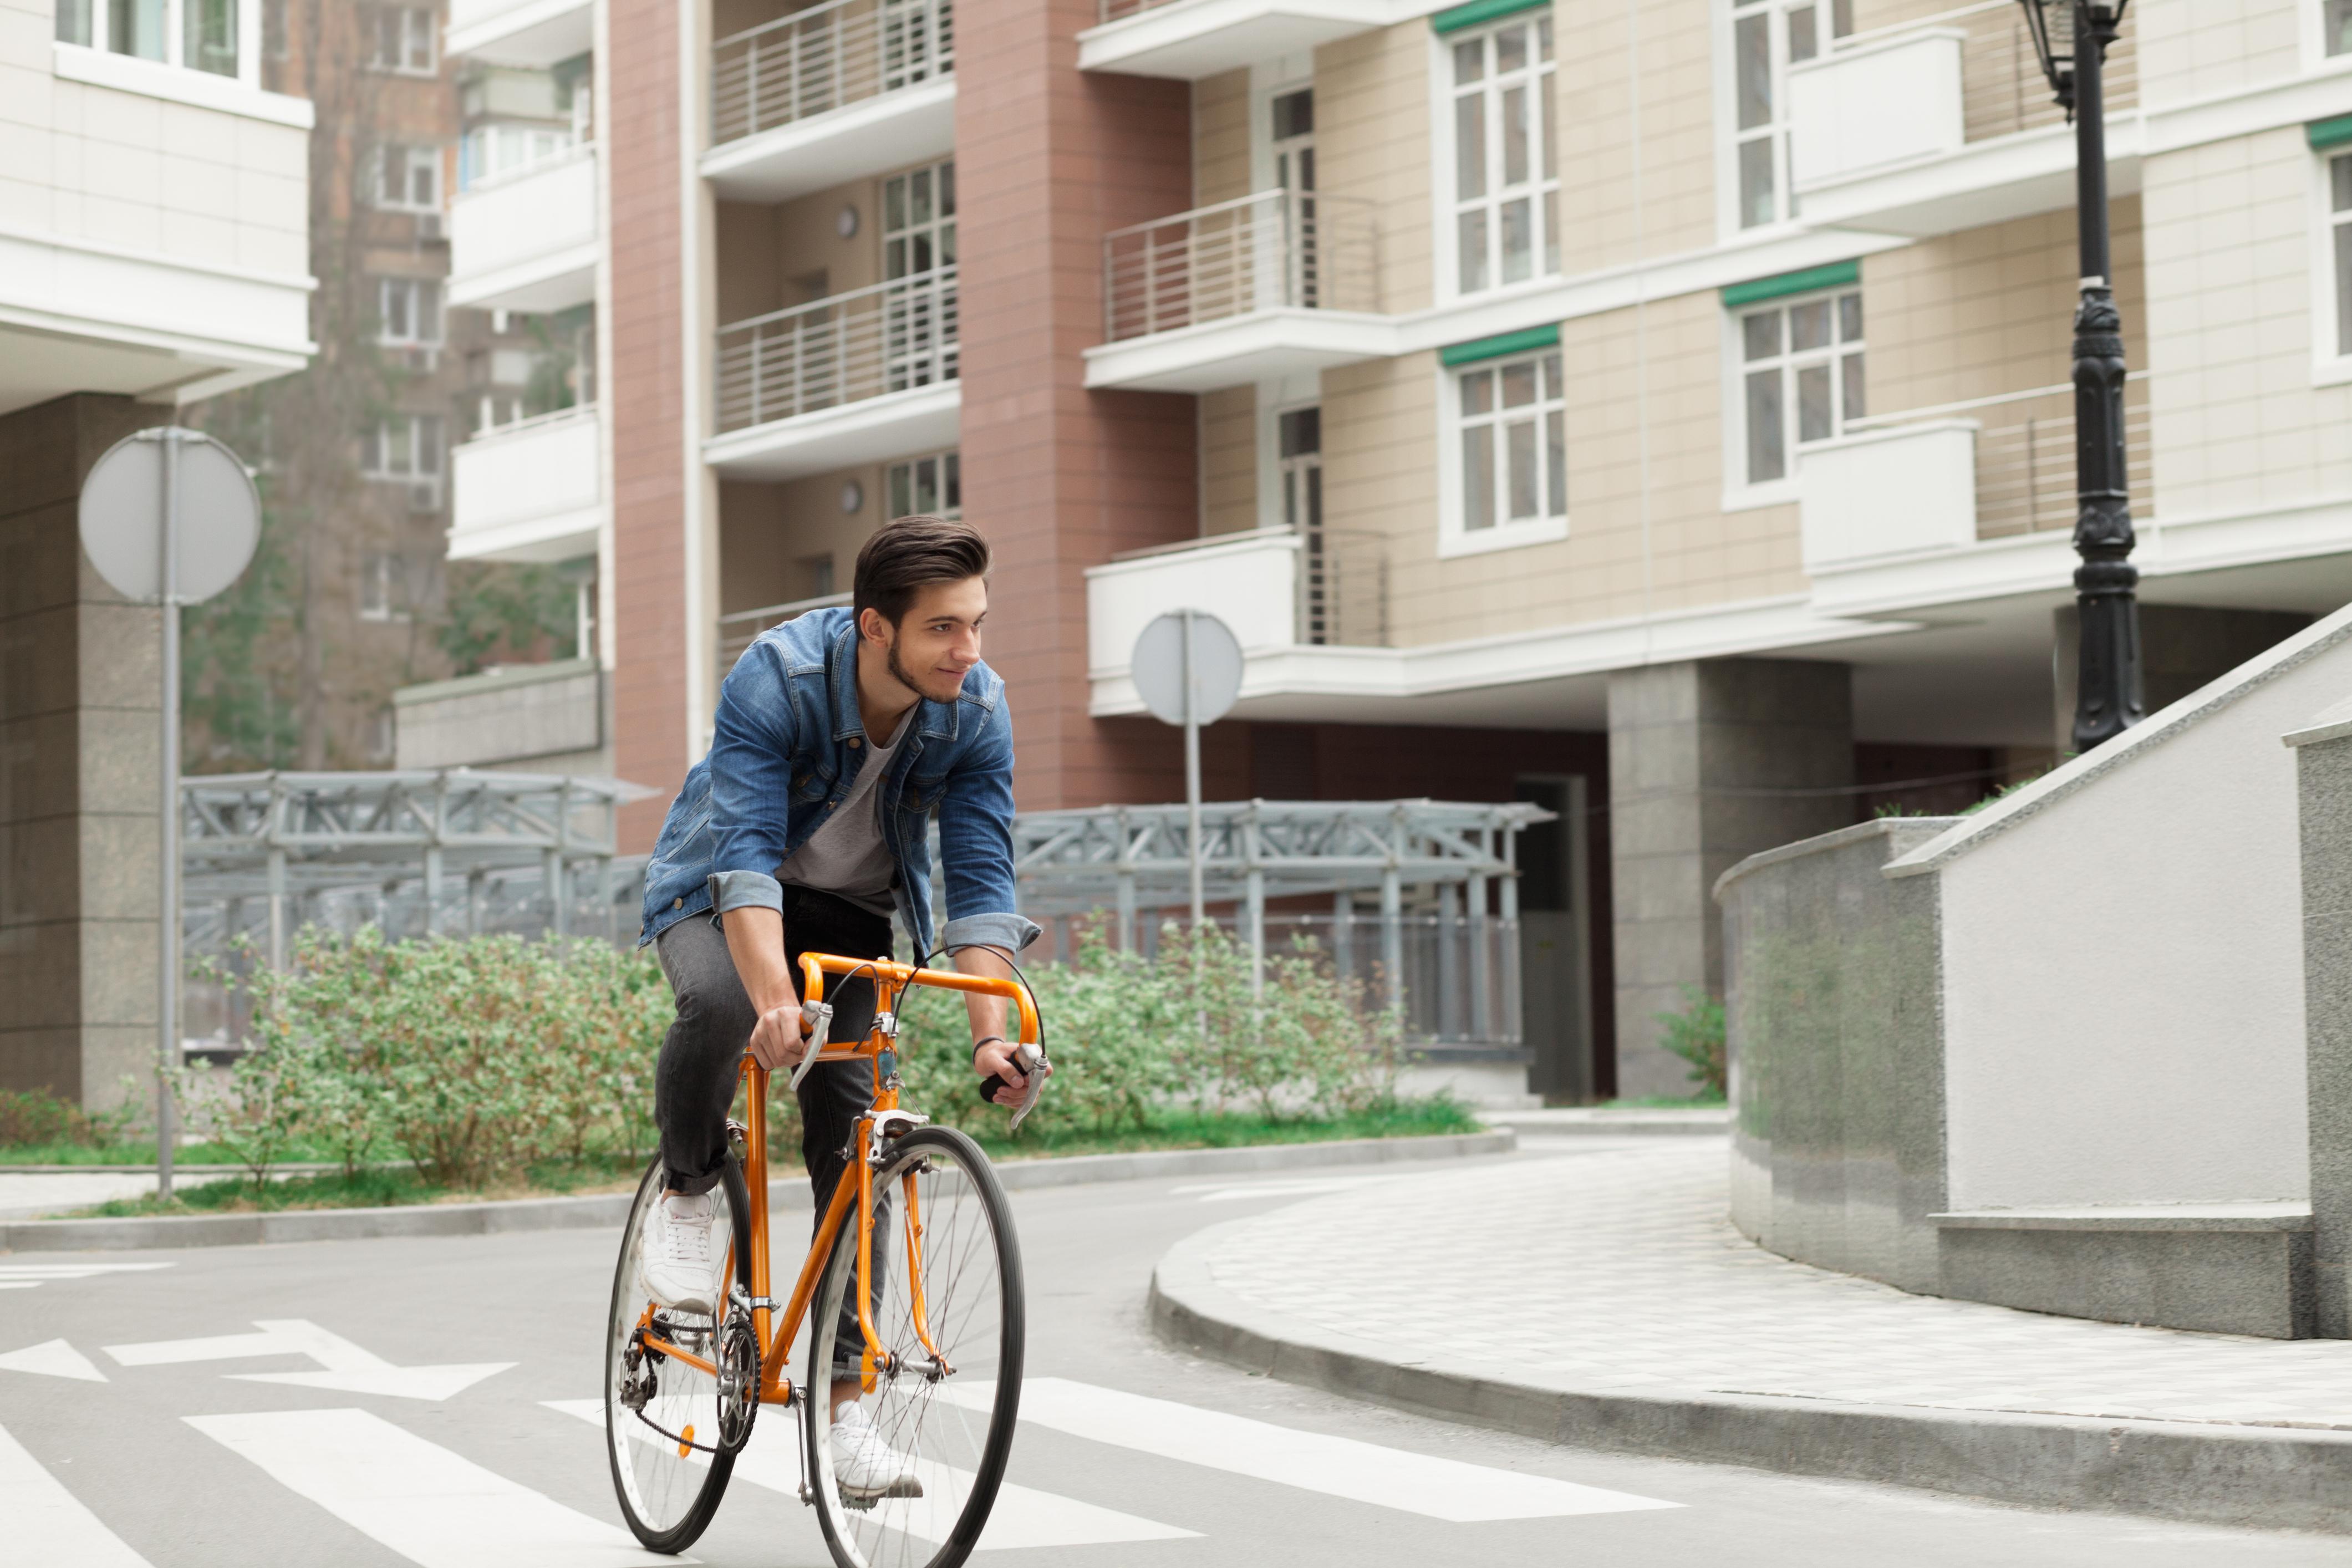 En ny studie visar att ju längre cykelsträcka, desto lägre var sannolikheten för att ha riskfaktorerna för typ 2-diabetes och hjärt-kärlsjukdom.